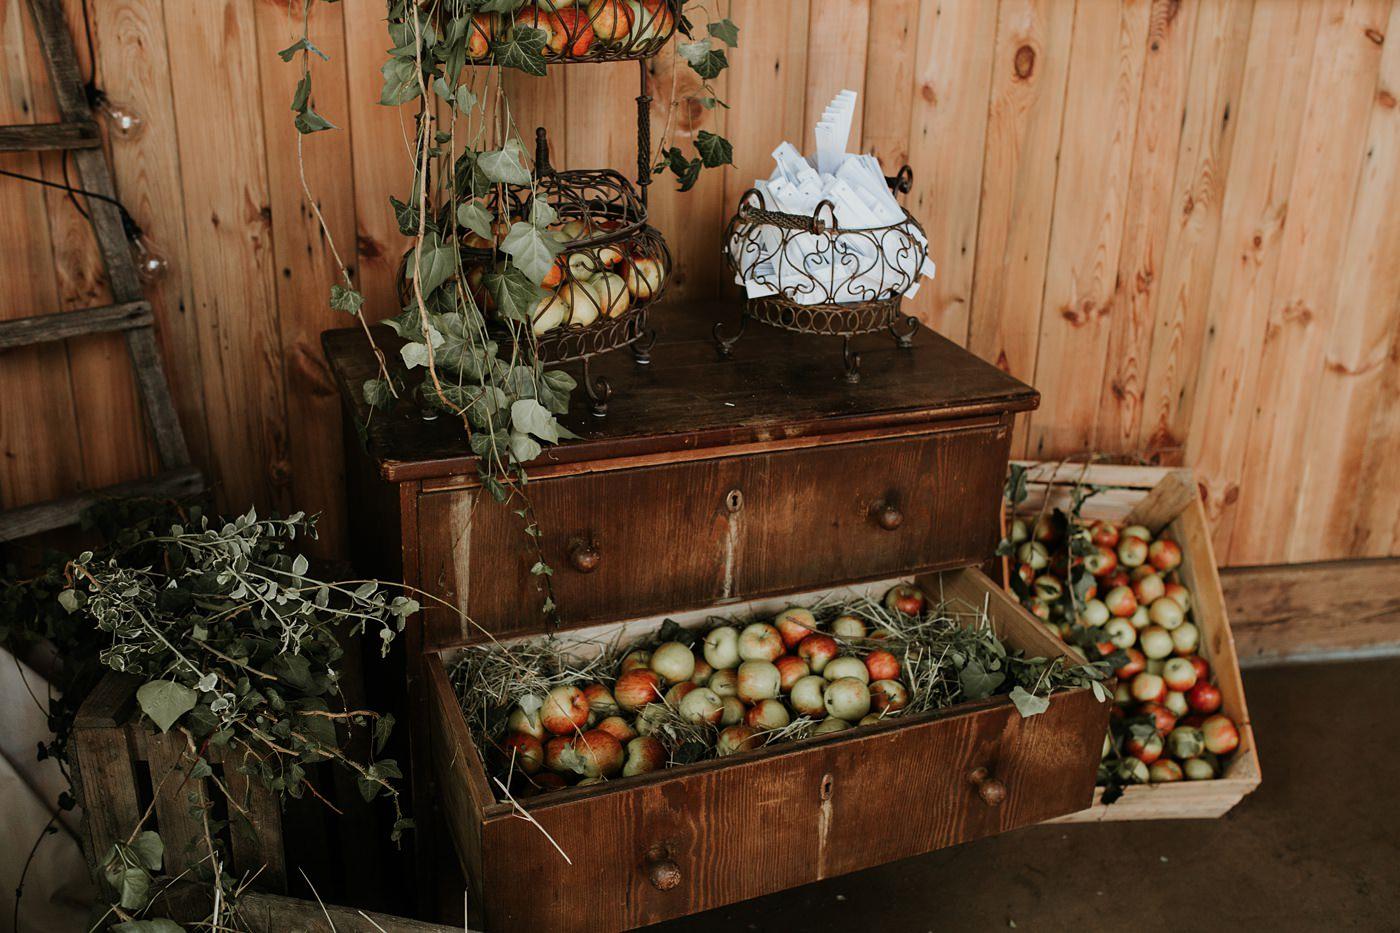 Dominika & Aleksander - Rustykalne wesele w stodole - Baborówko 73